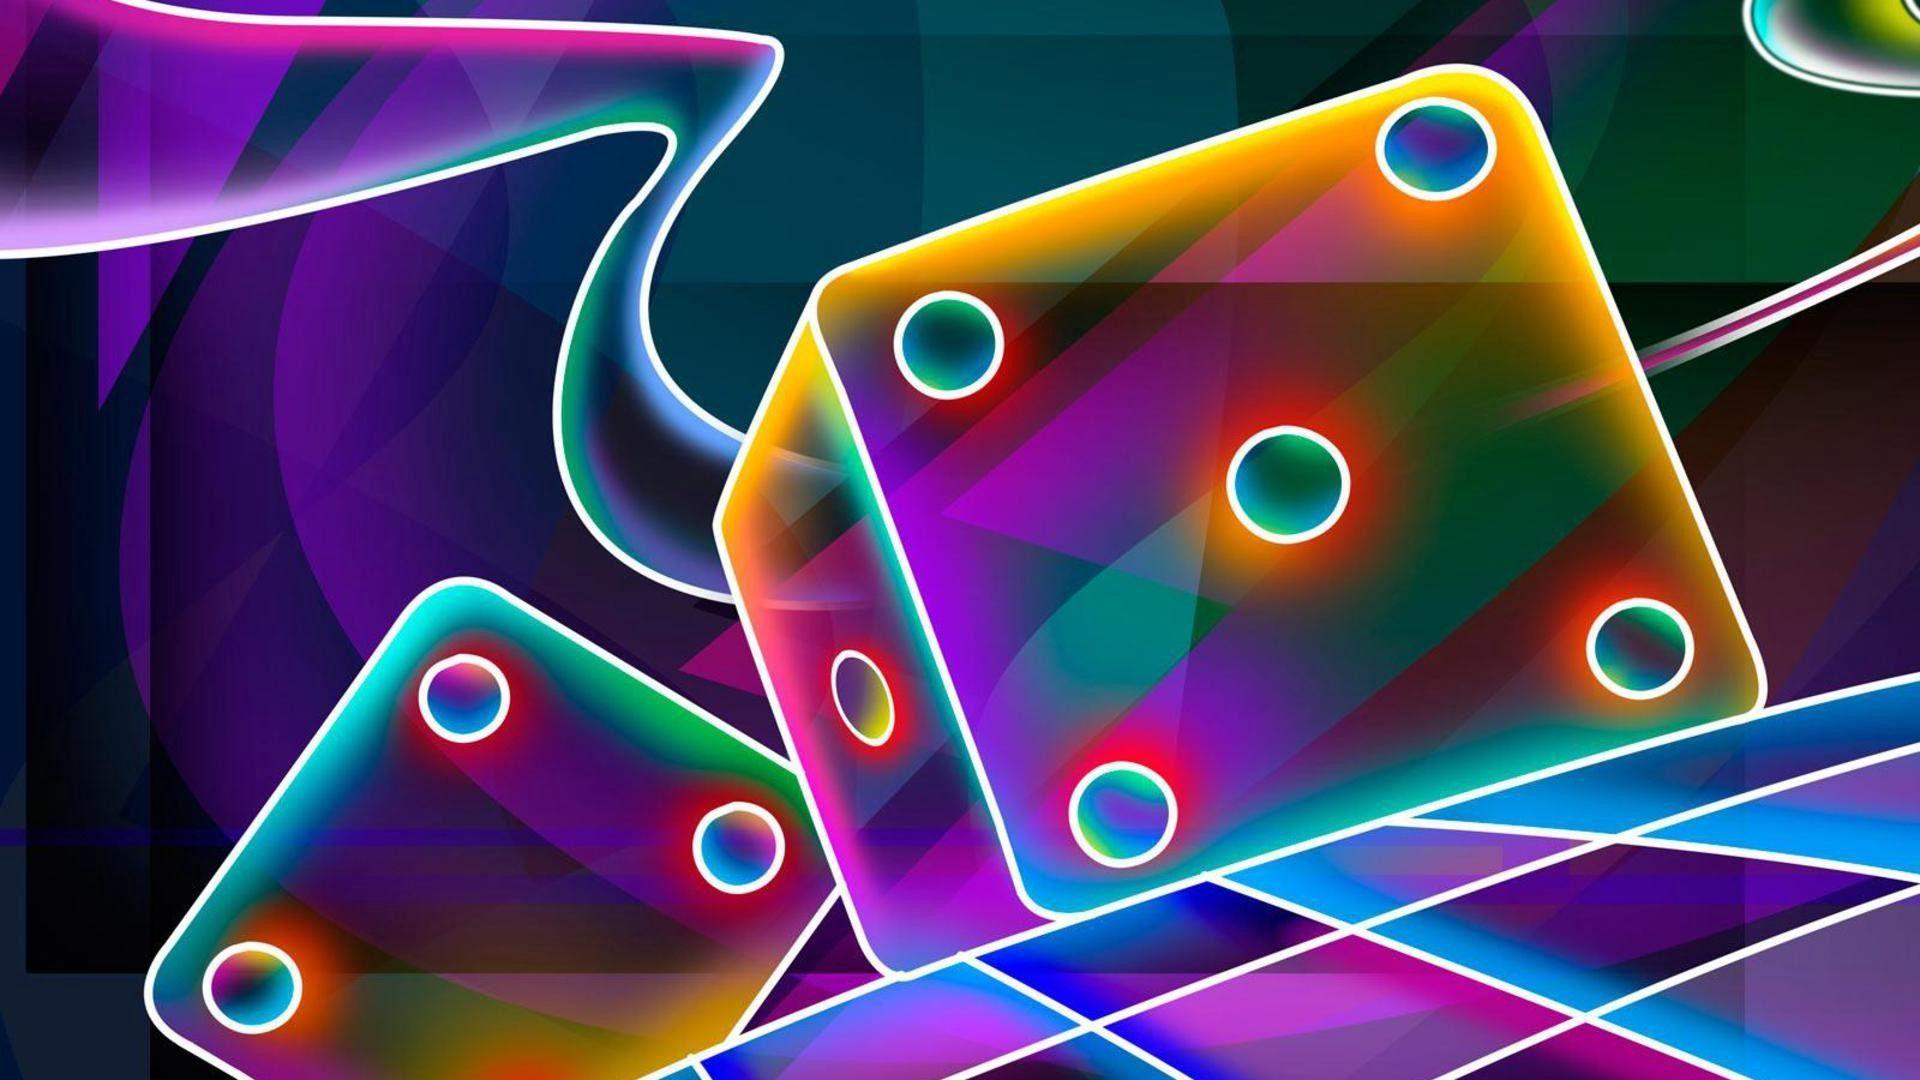 Neon Wallpaper, 3d